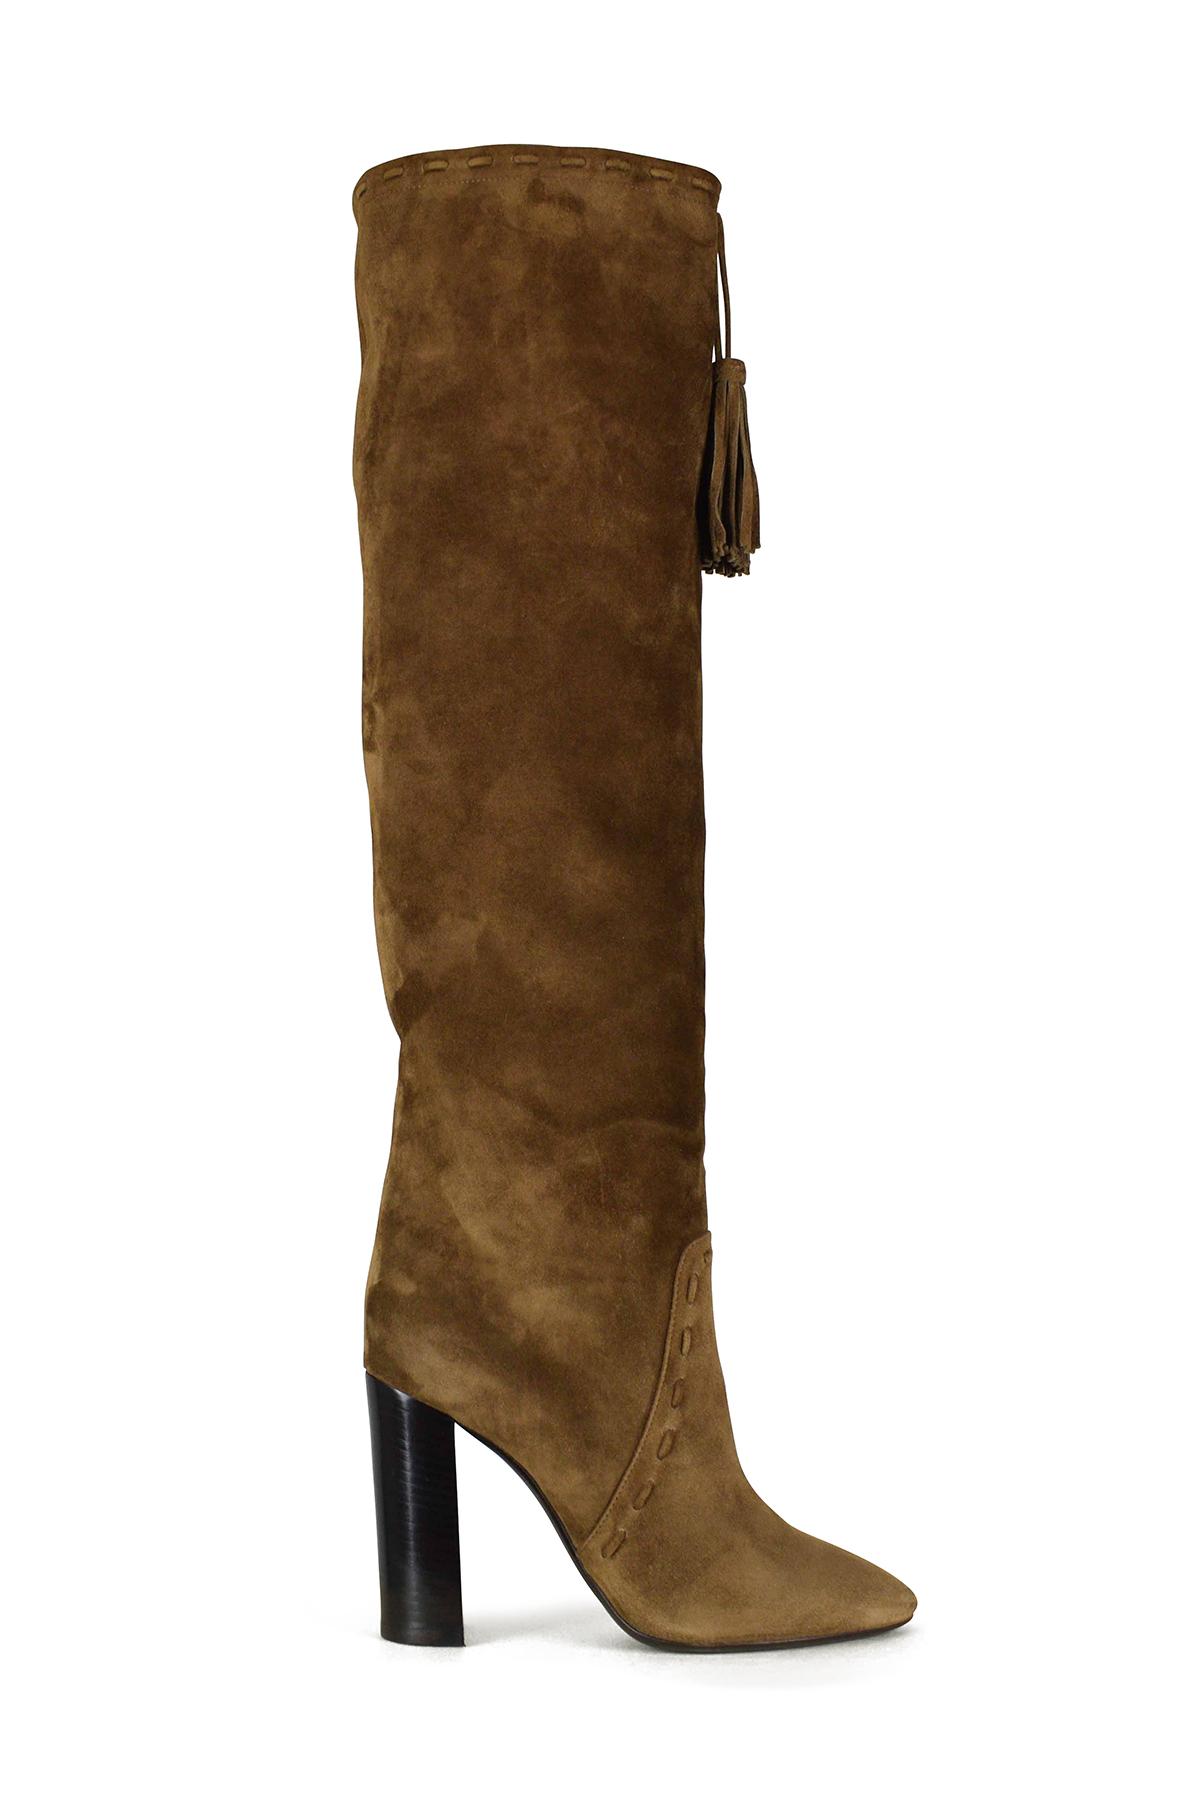 Saint Laurent Meurice over-the-knee boots in camel suede.